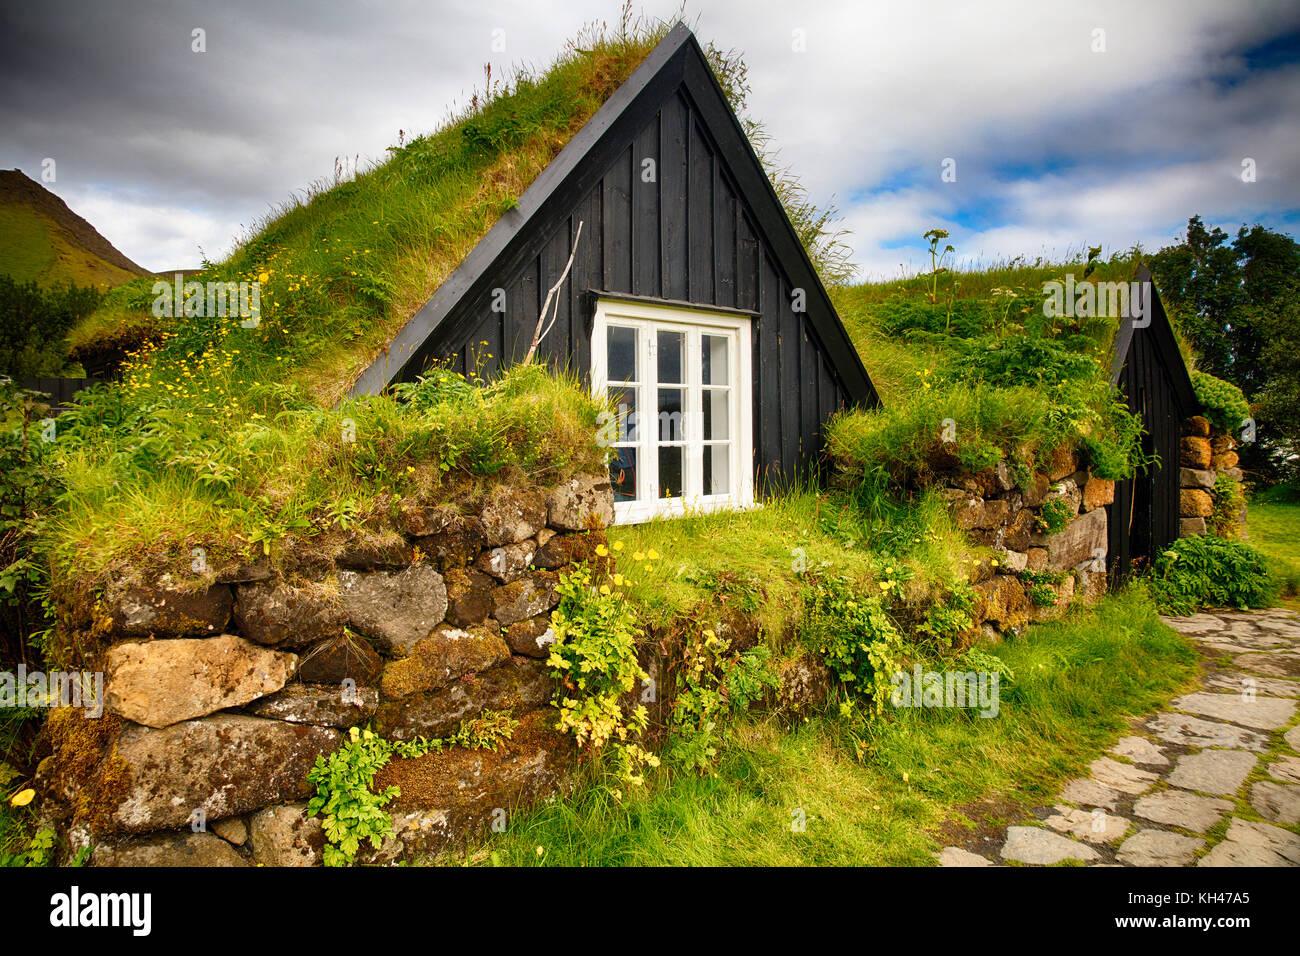 Icelandicturfhouse im Sommer, skogar Völker Museum, Island Stockbild